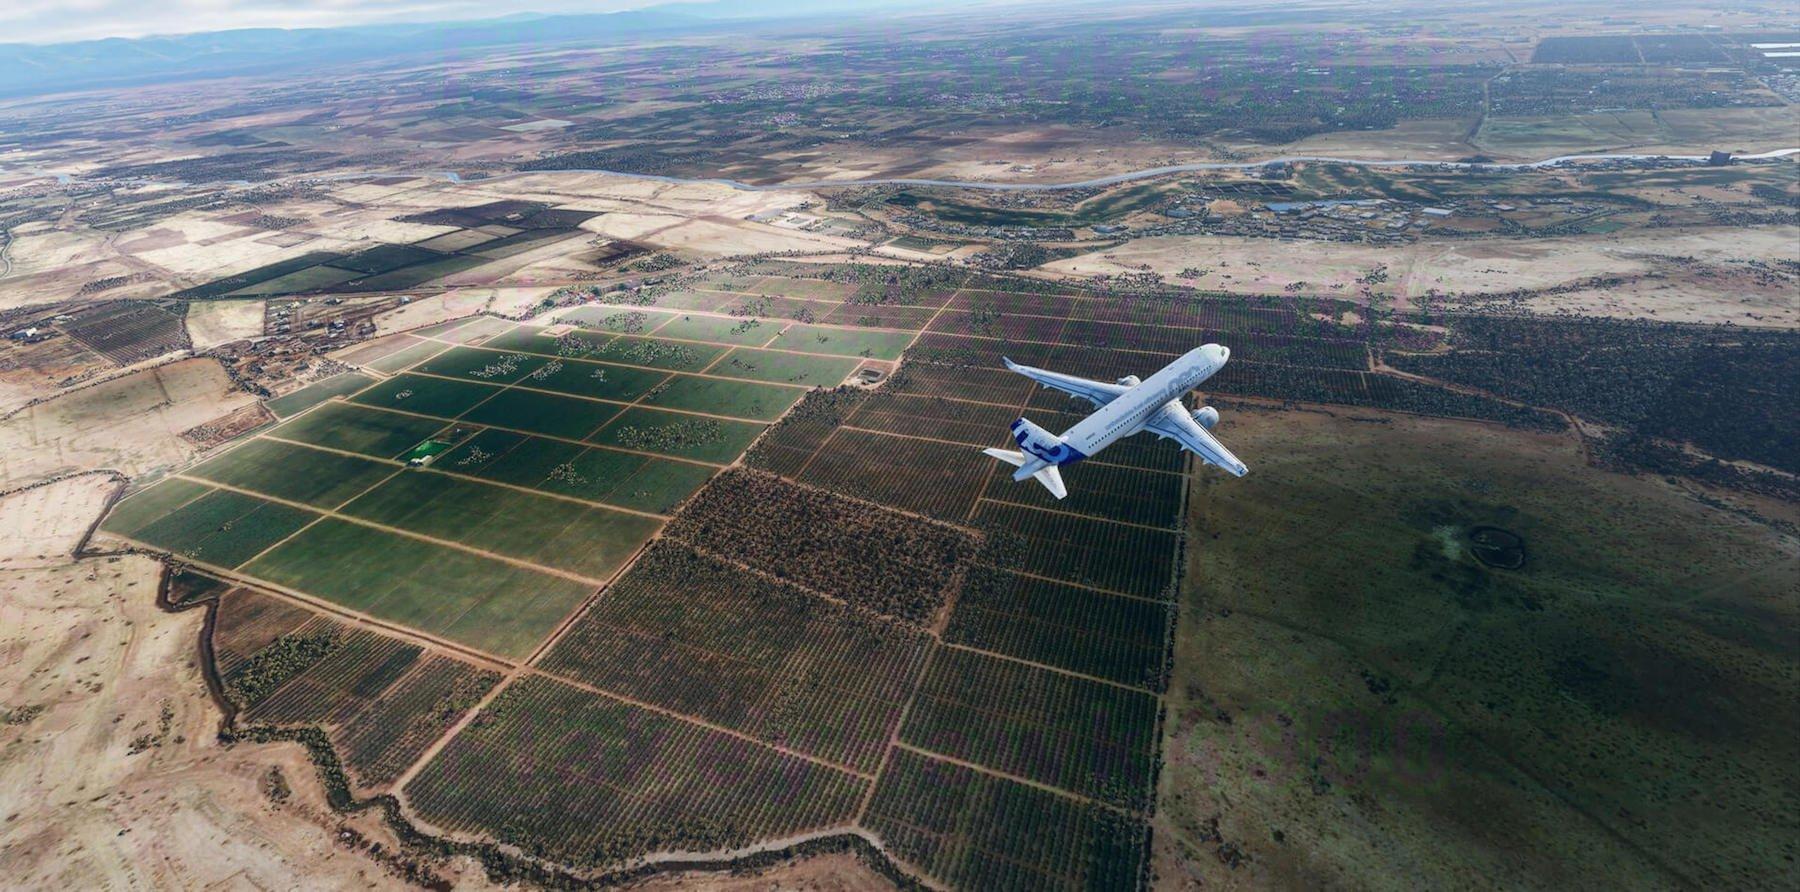 microsoft-flight-simulator-v1-635009.jpg